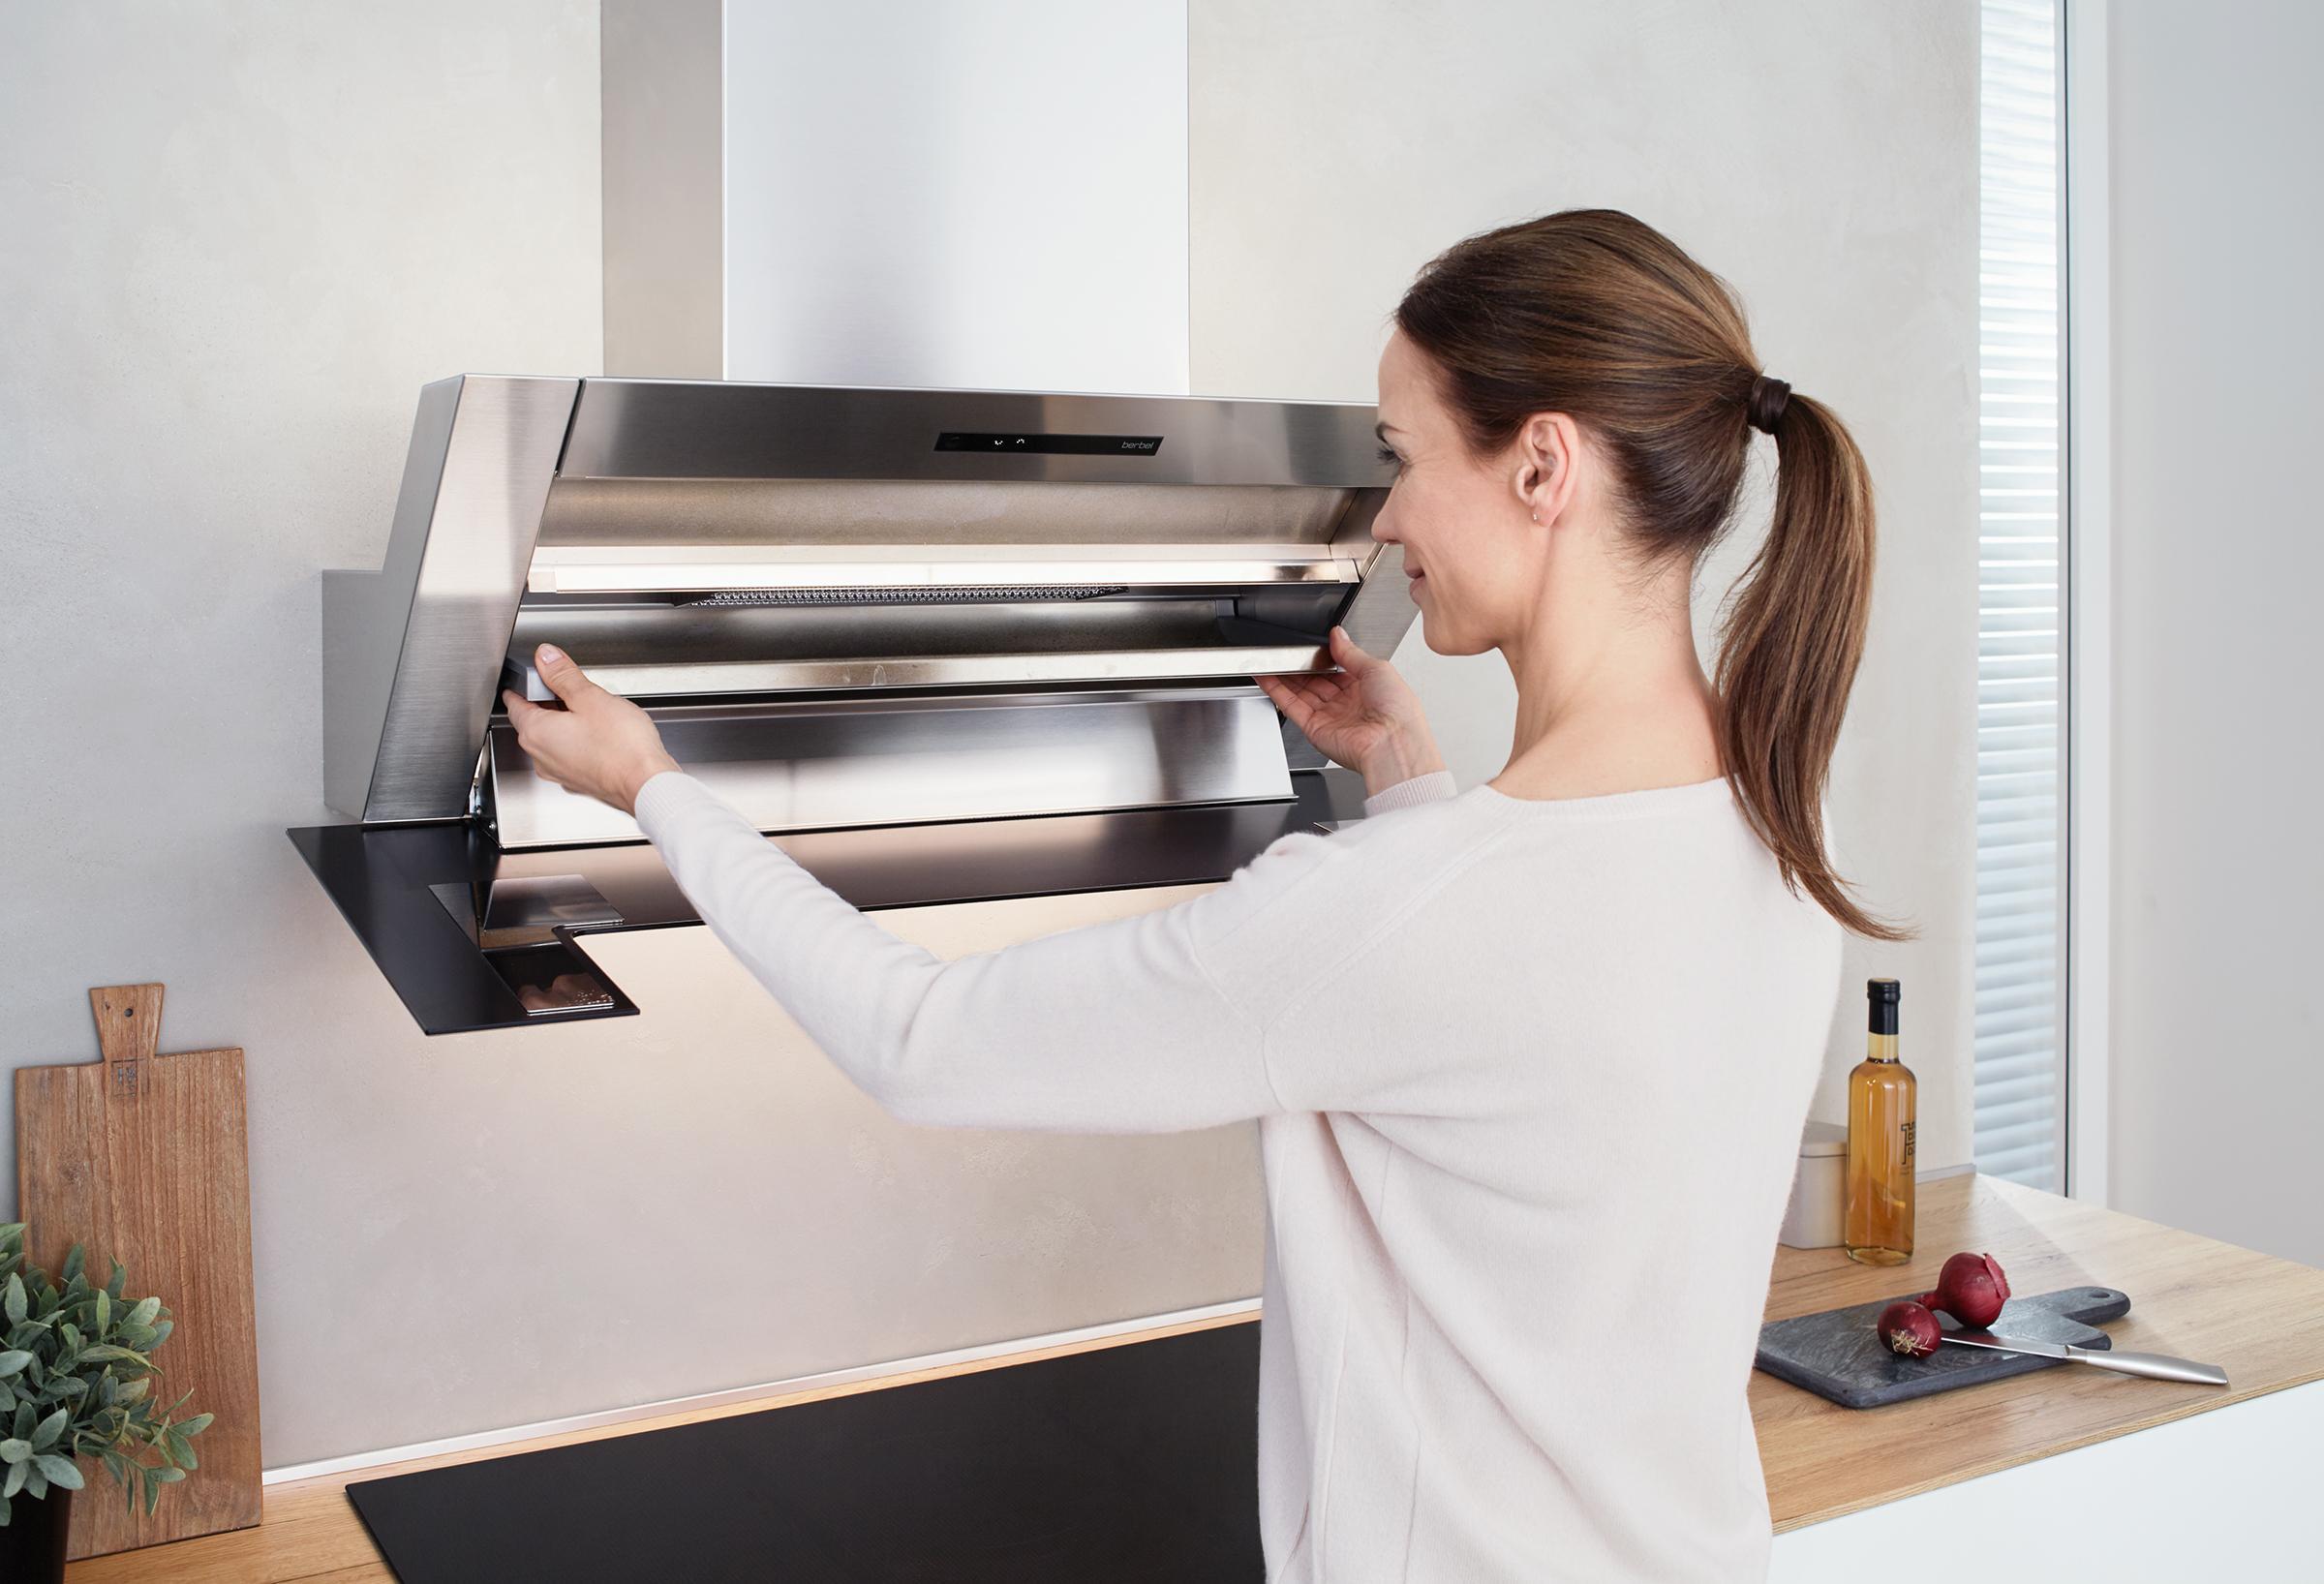 Küchenzeile einfach  Die Auffangschale lässt sich ganz einfach entnehmen ...